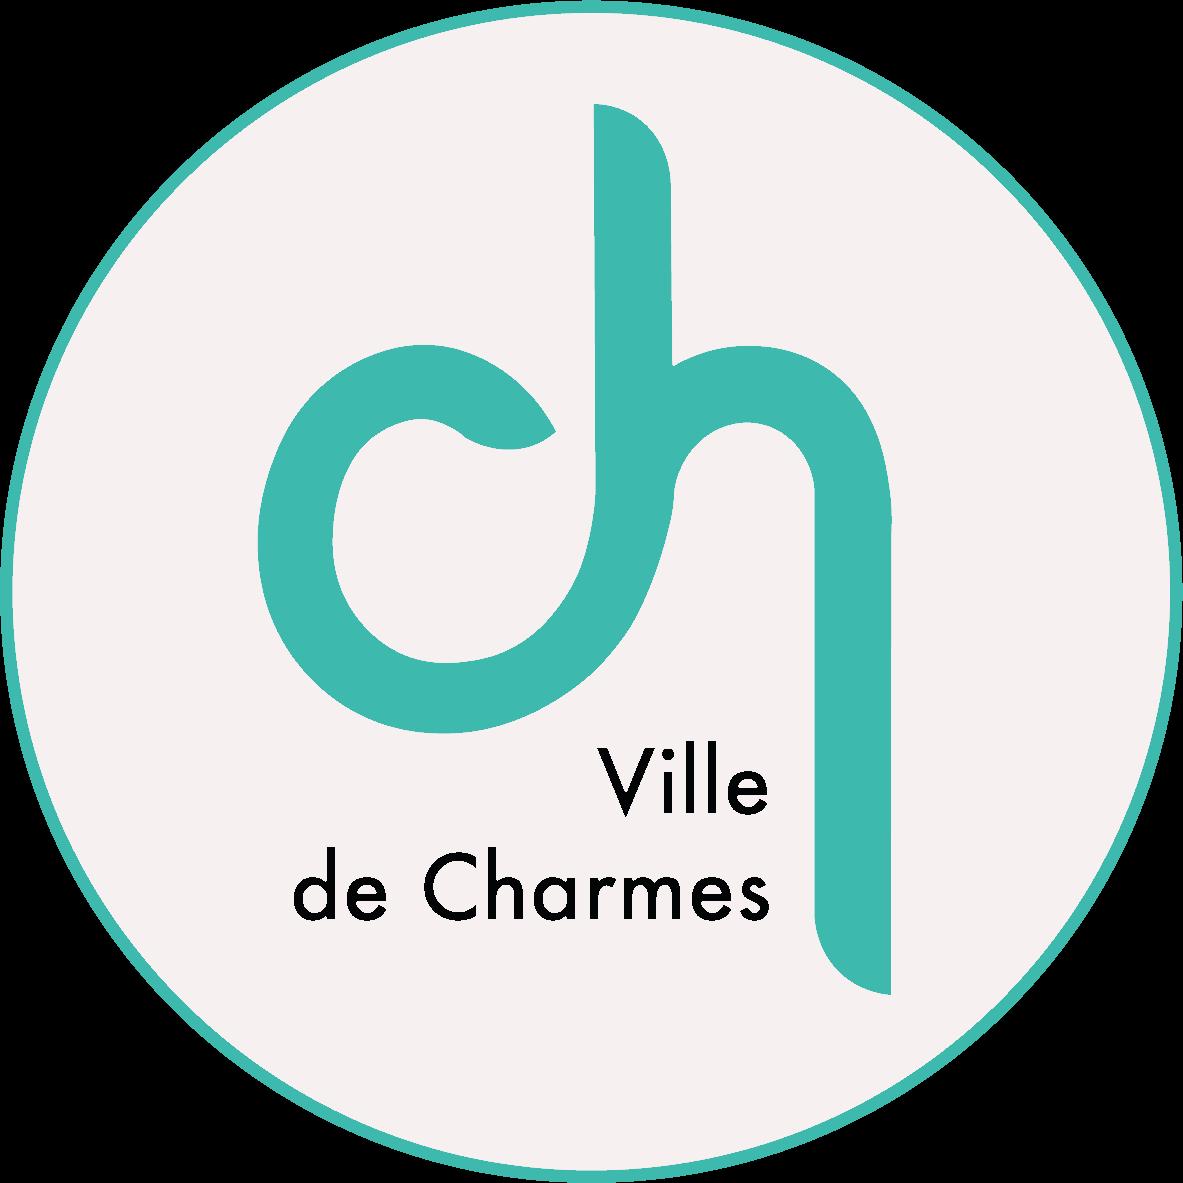 Commune de Charmes